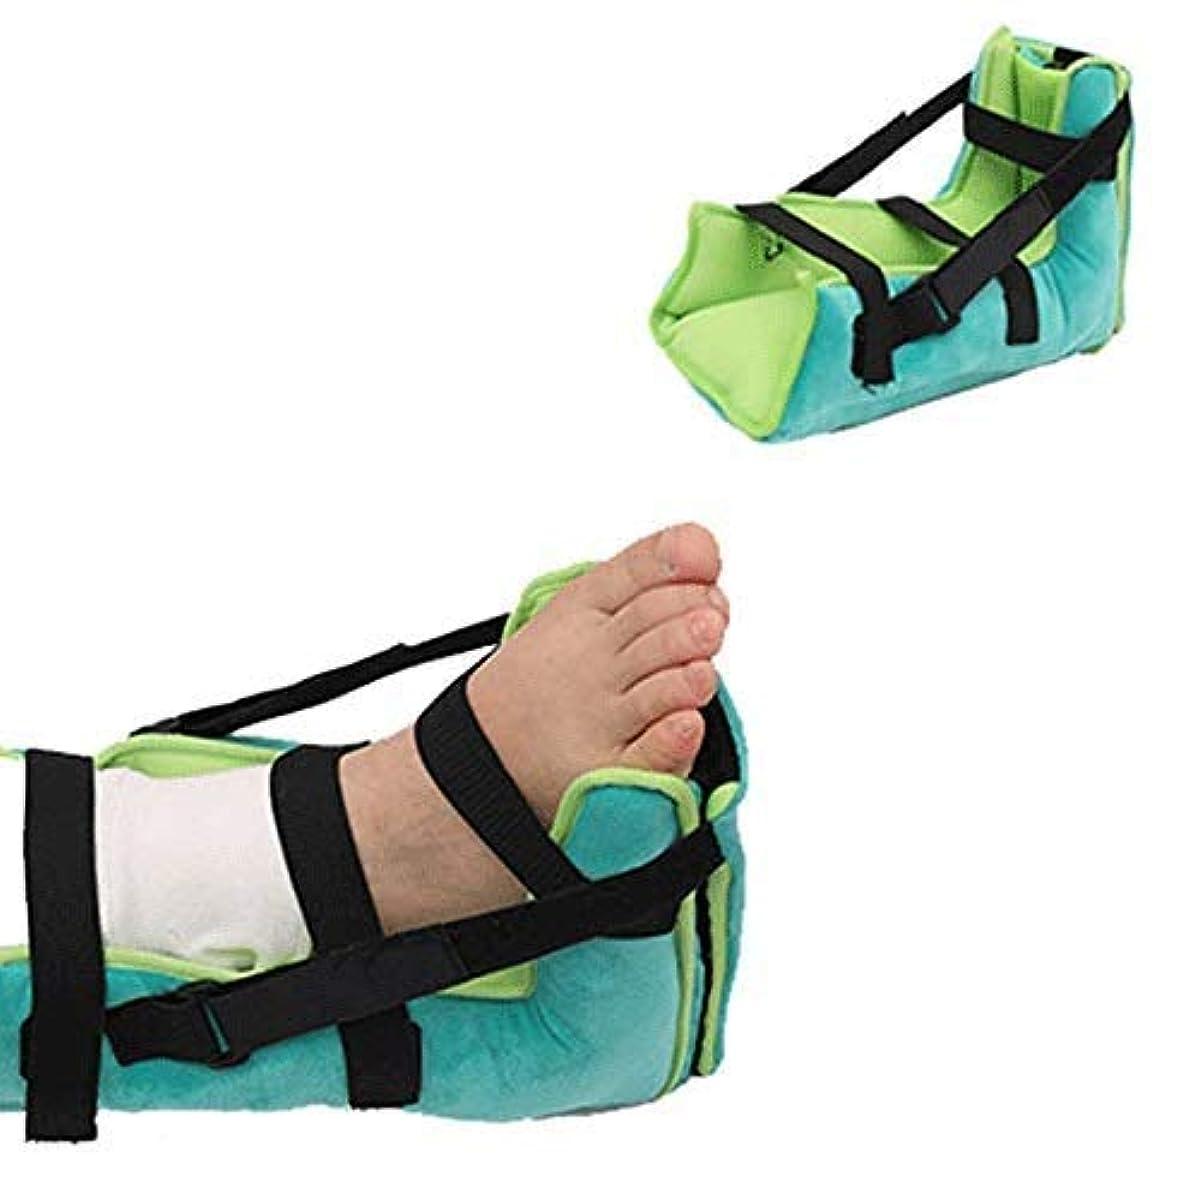 待って正当な下手かかとプロテクター枕、足補正カバー、抗、瘡ヒールパッド、効果的なPressure瘡とHe潰瘍の救済 高弾性シルクコットン充填 (Size : 1PCS)